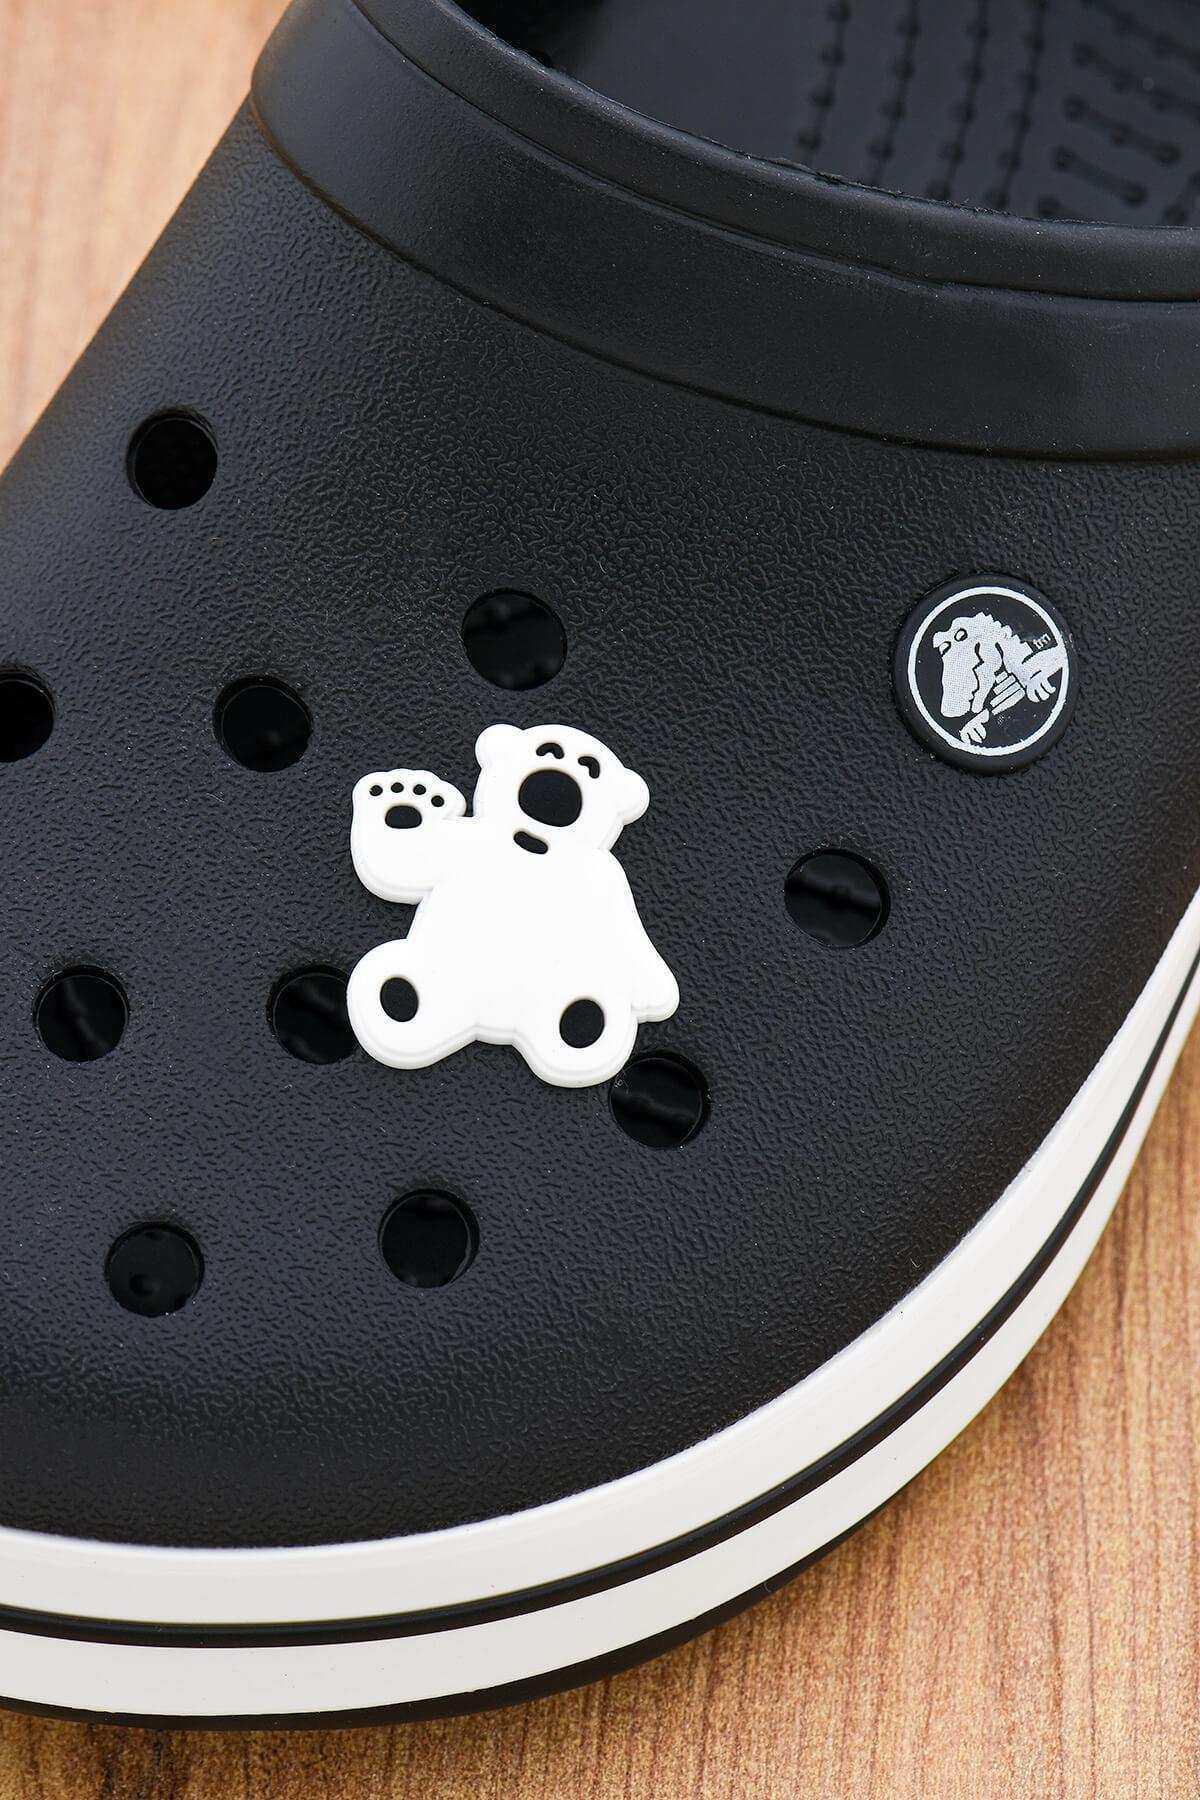 Kutup Ayısı Jibbitz Crocs Terlik Süsü Charm Terlik Aksesuarı - CRS0019